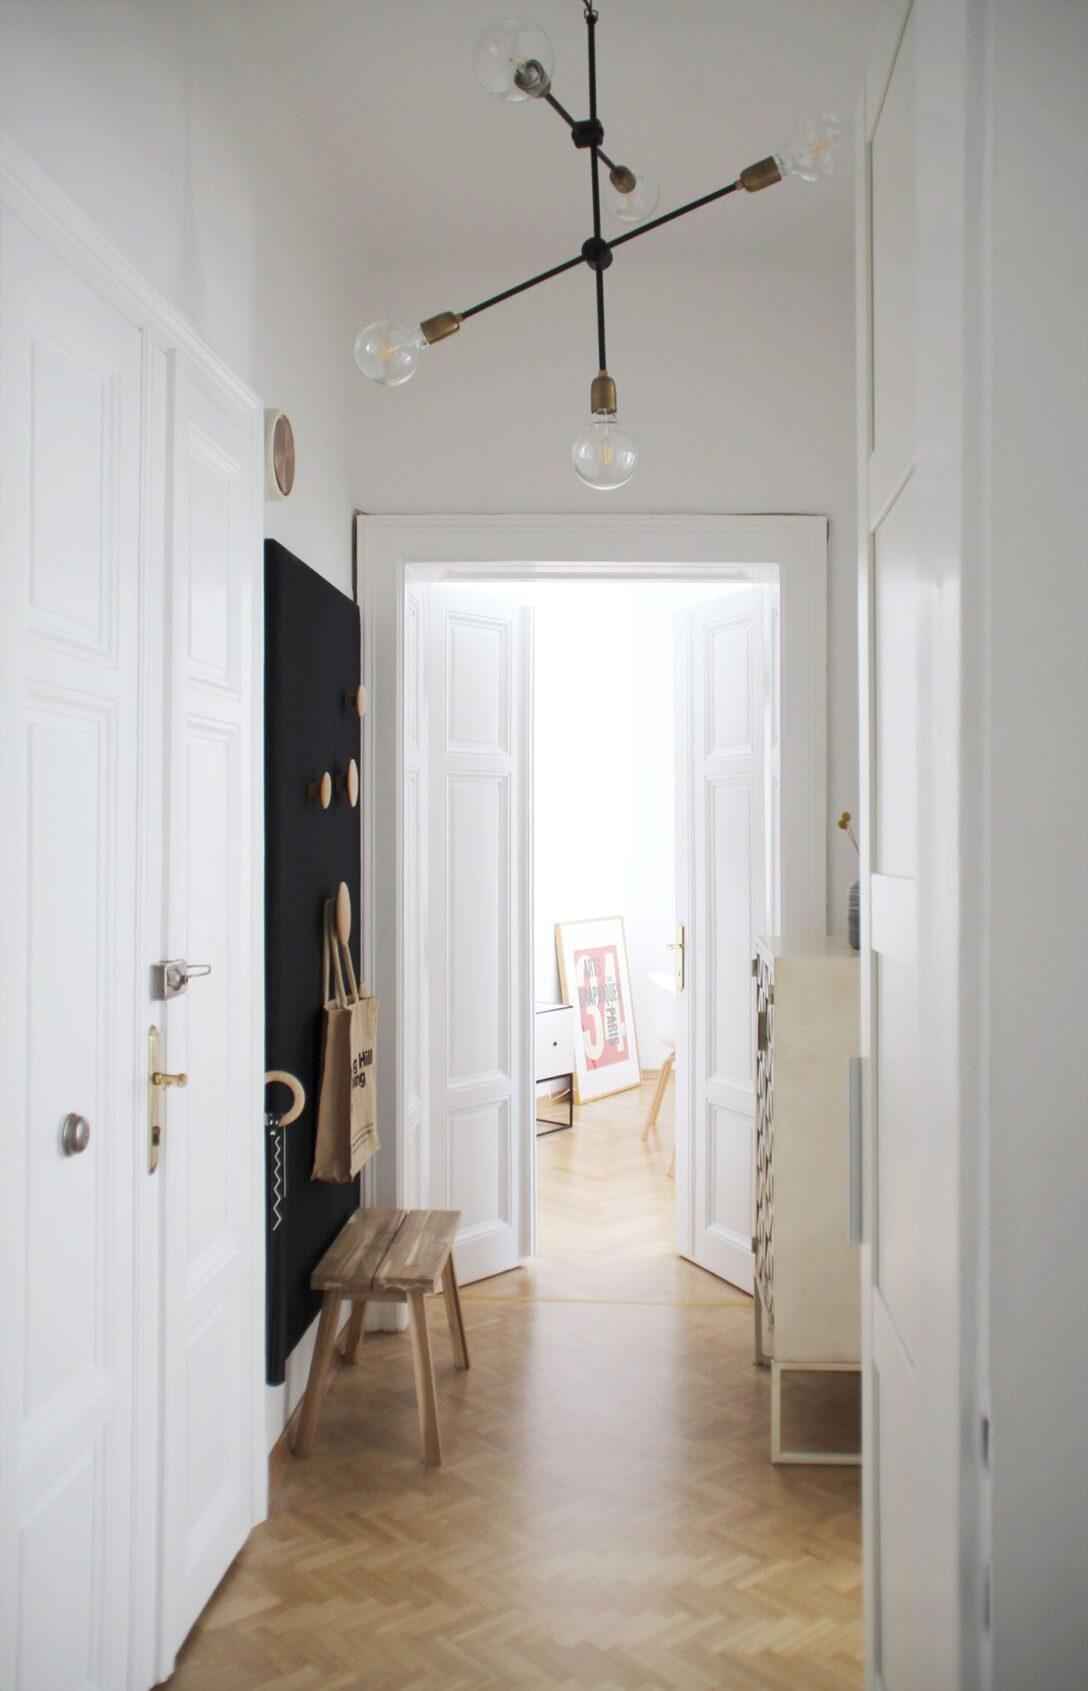 Large Size of Lampe Schlafzimmer Kche Selber Machen Arbeitsplatte Kronleuchter Badezimmer Komplette Spiegellampe Bad Lampen Gardinen Landhaus Deckenleuchten Kommode Wohnzimmer Ideen Schlafzimmer Lampe